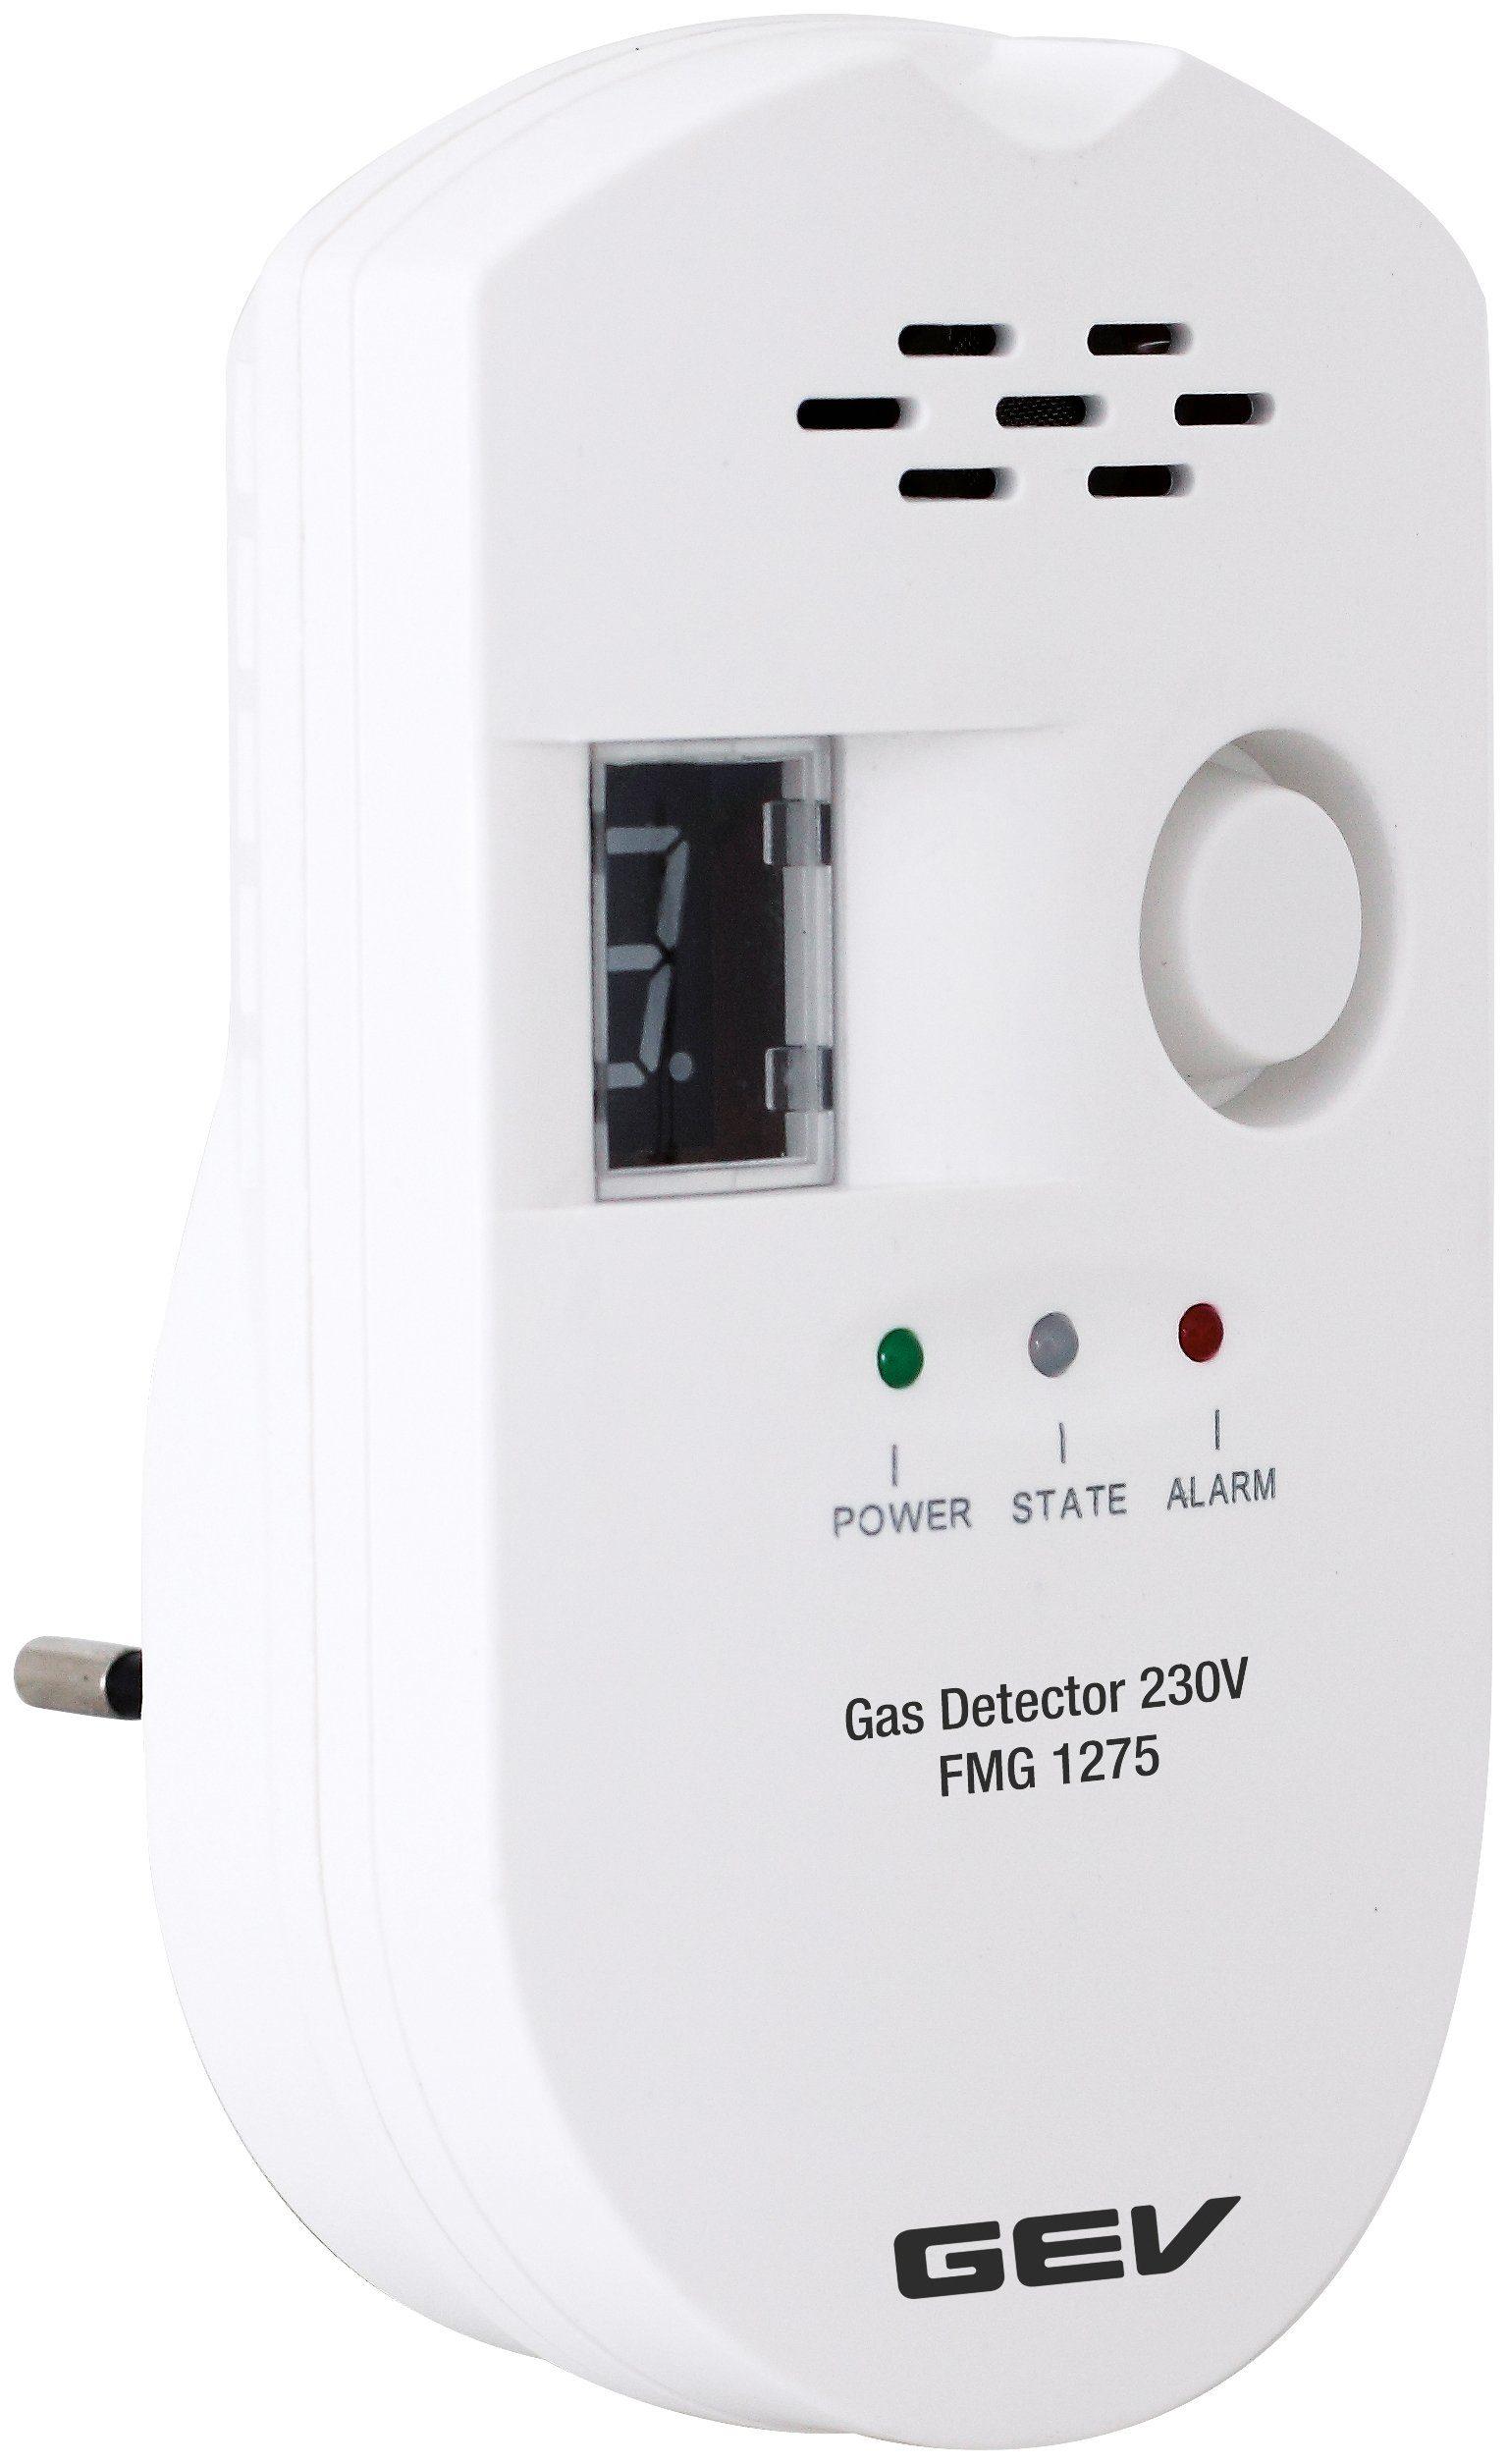 GEV Gasmelder »FMG 1275«, detektiert zuverlässig Propan, Methan und Butan